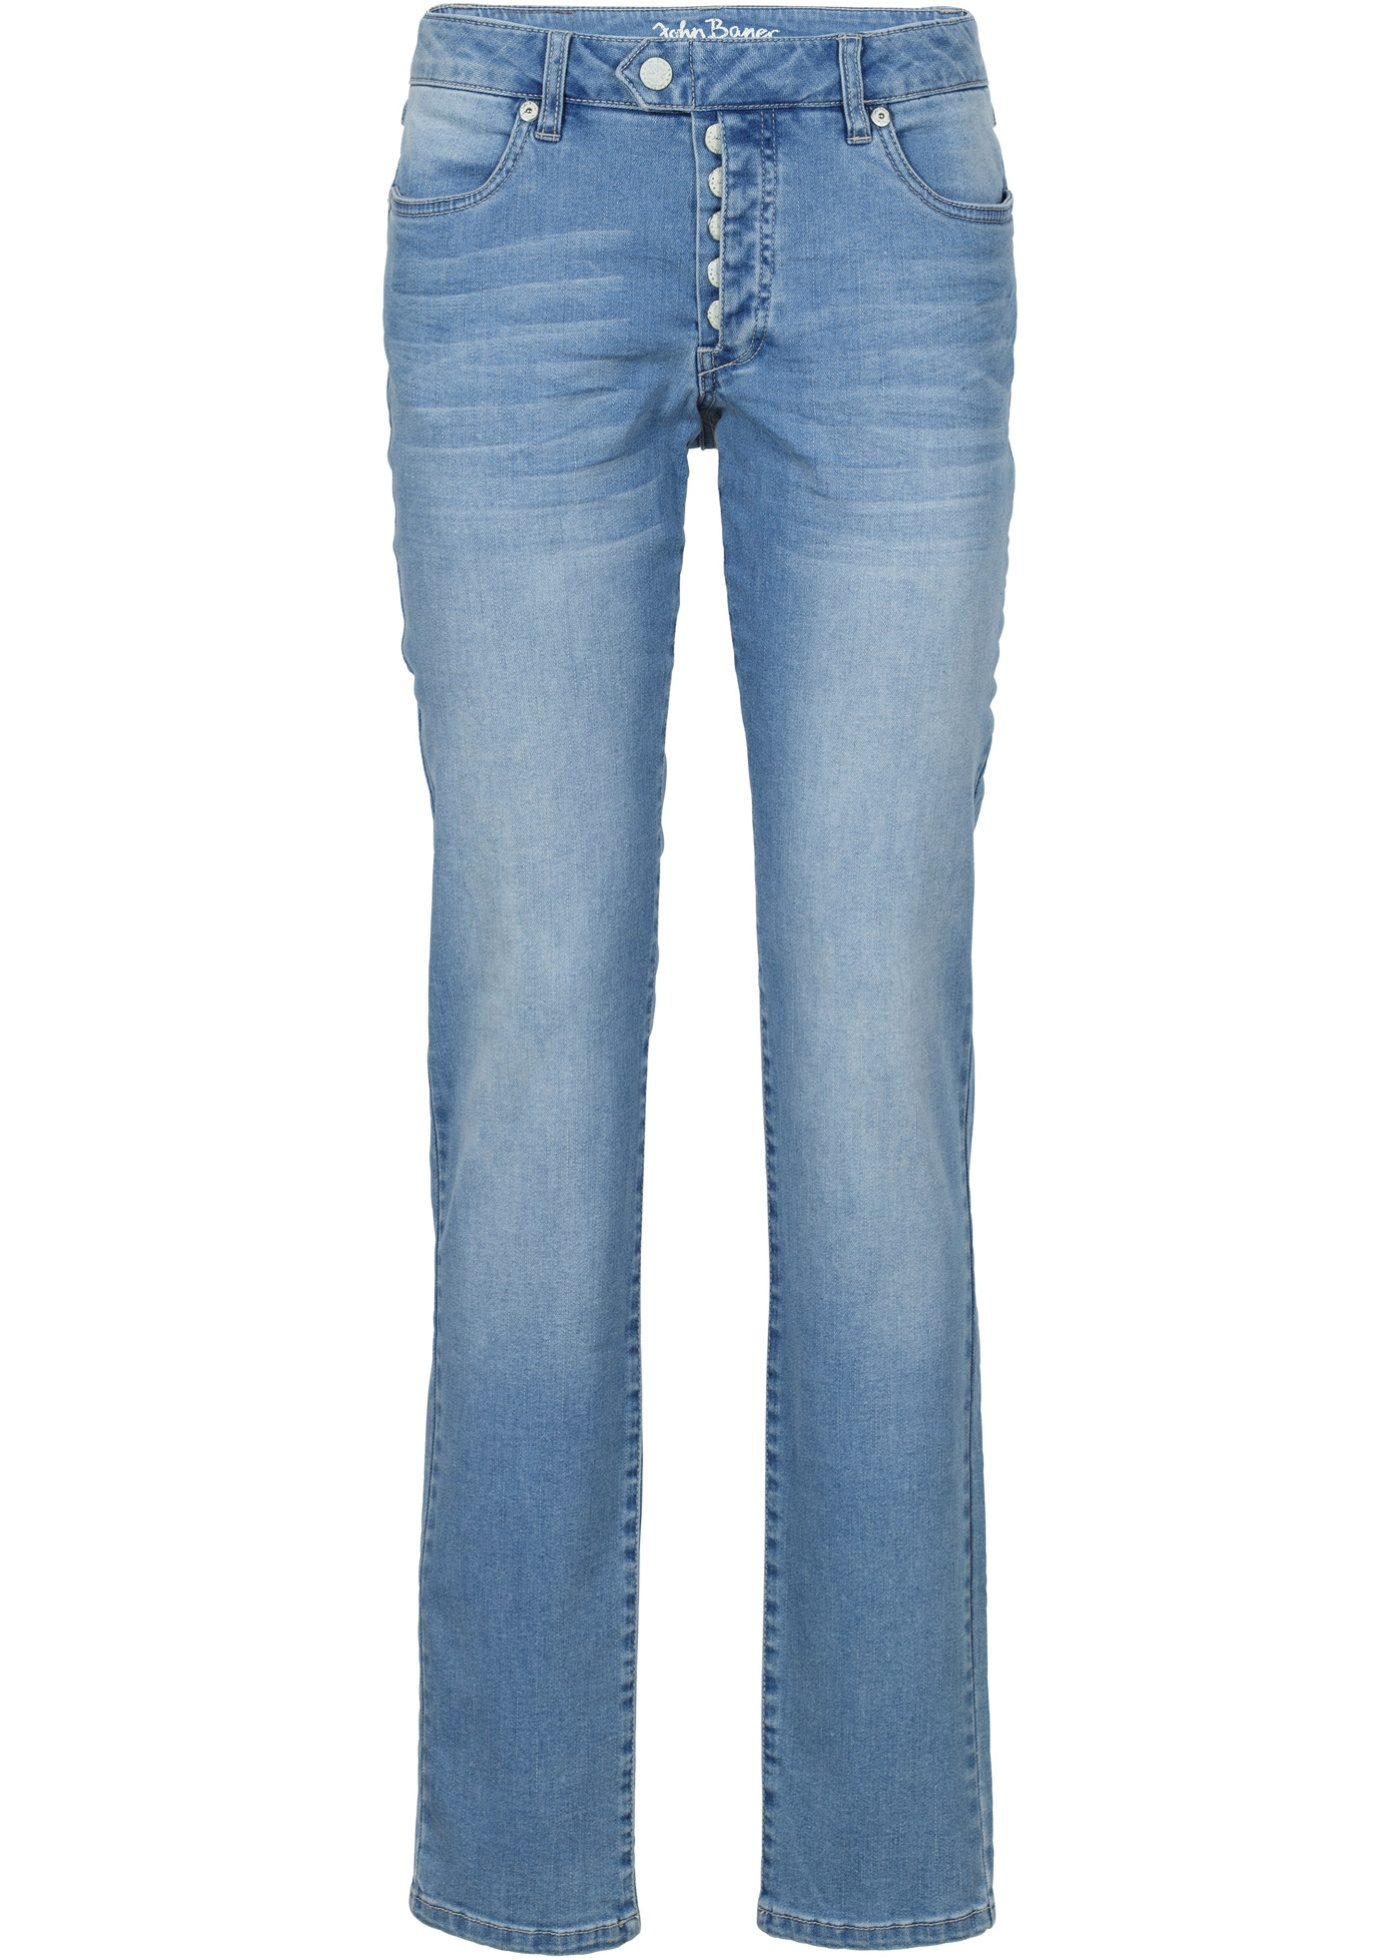 Jeanswear John Pour stretchBoyfriend BonprixJean Femme Baner Multi Bleu wlPkZiOXuT